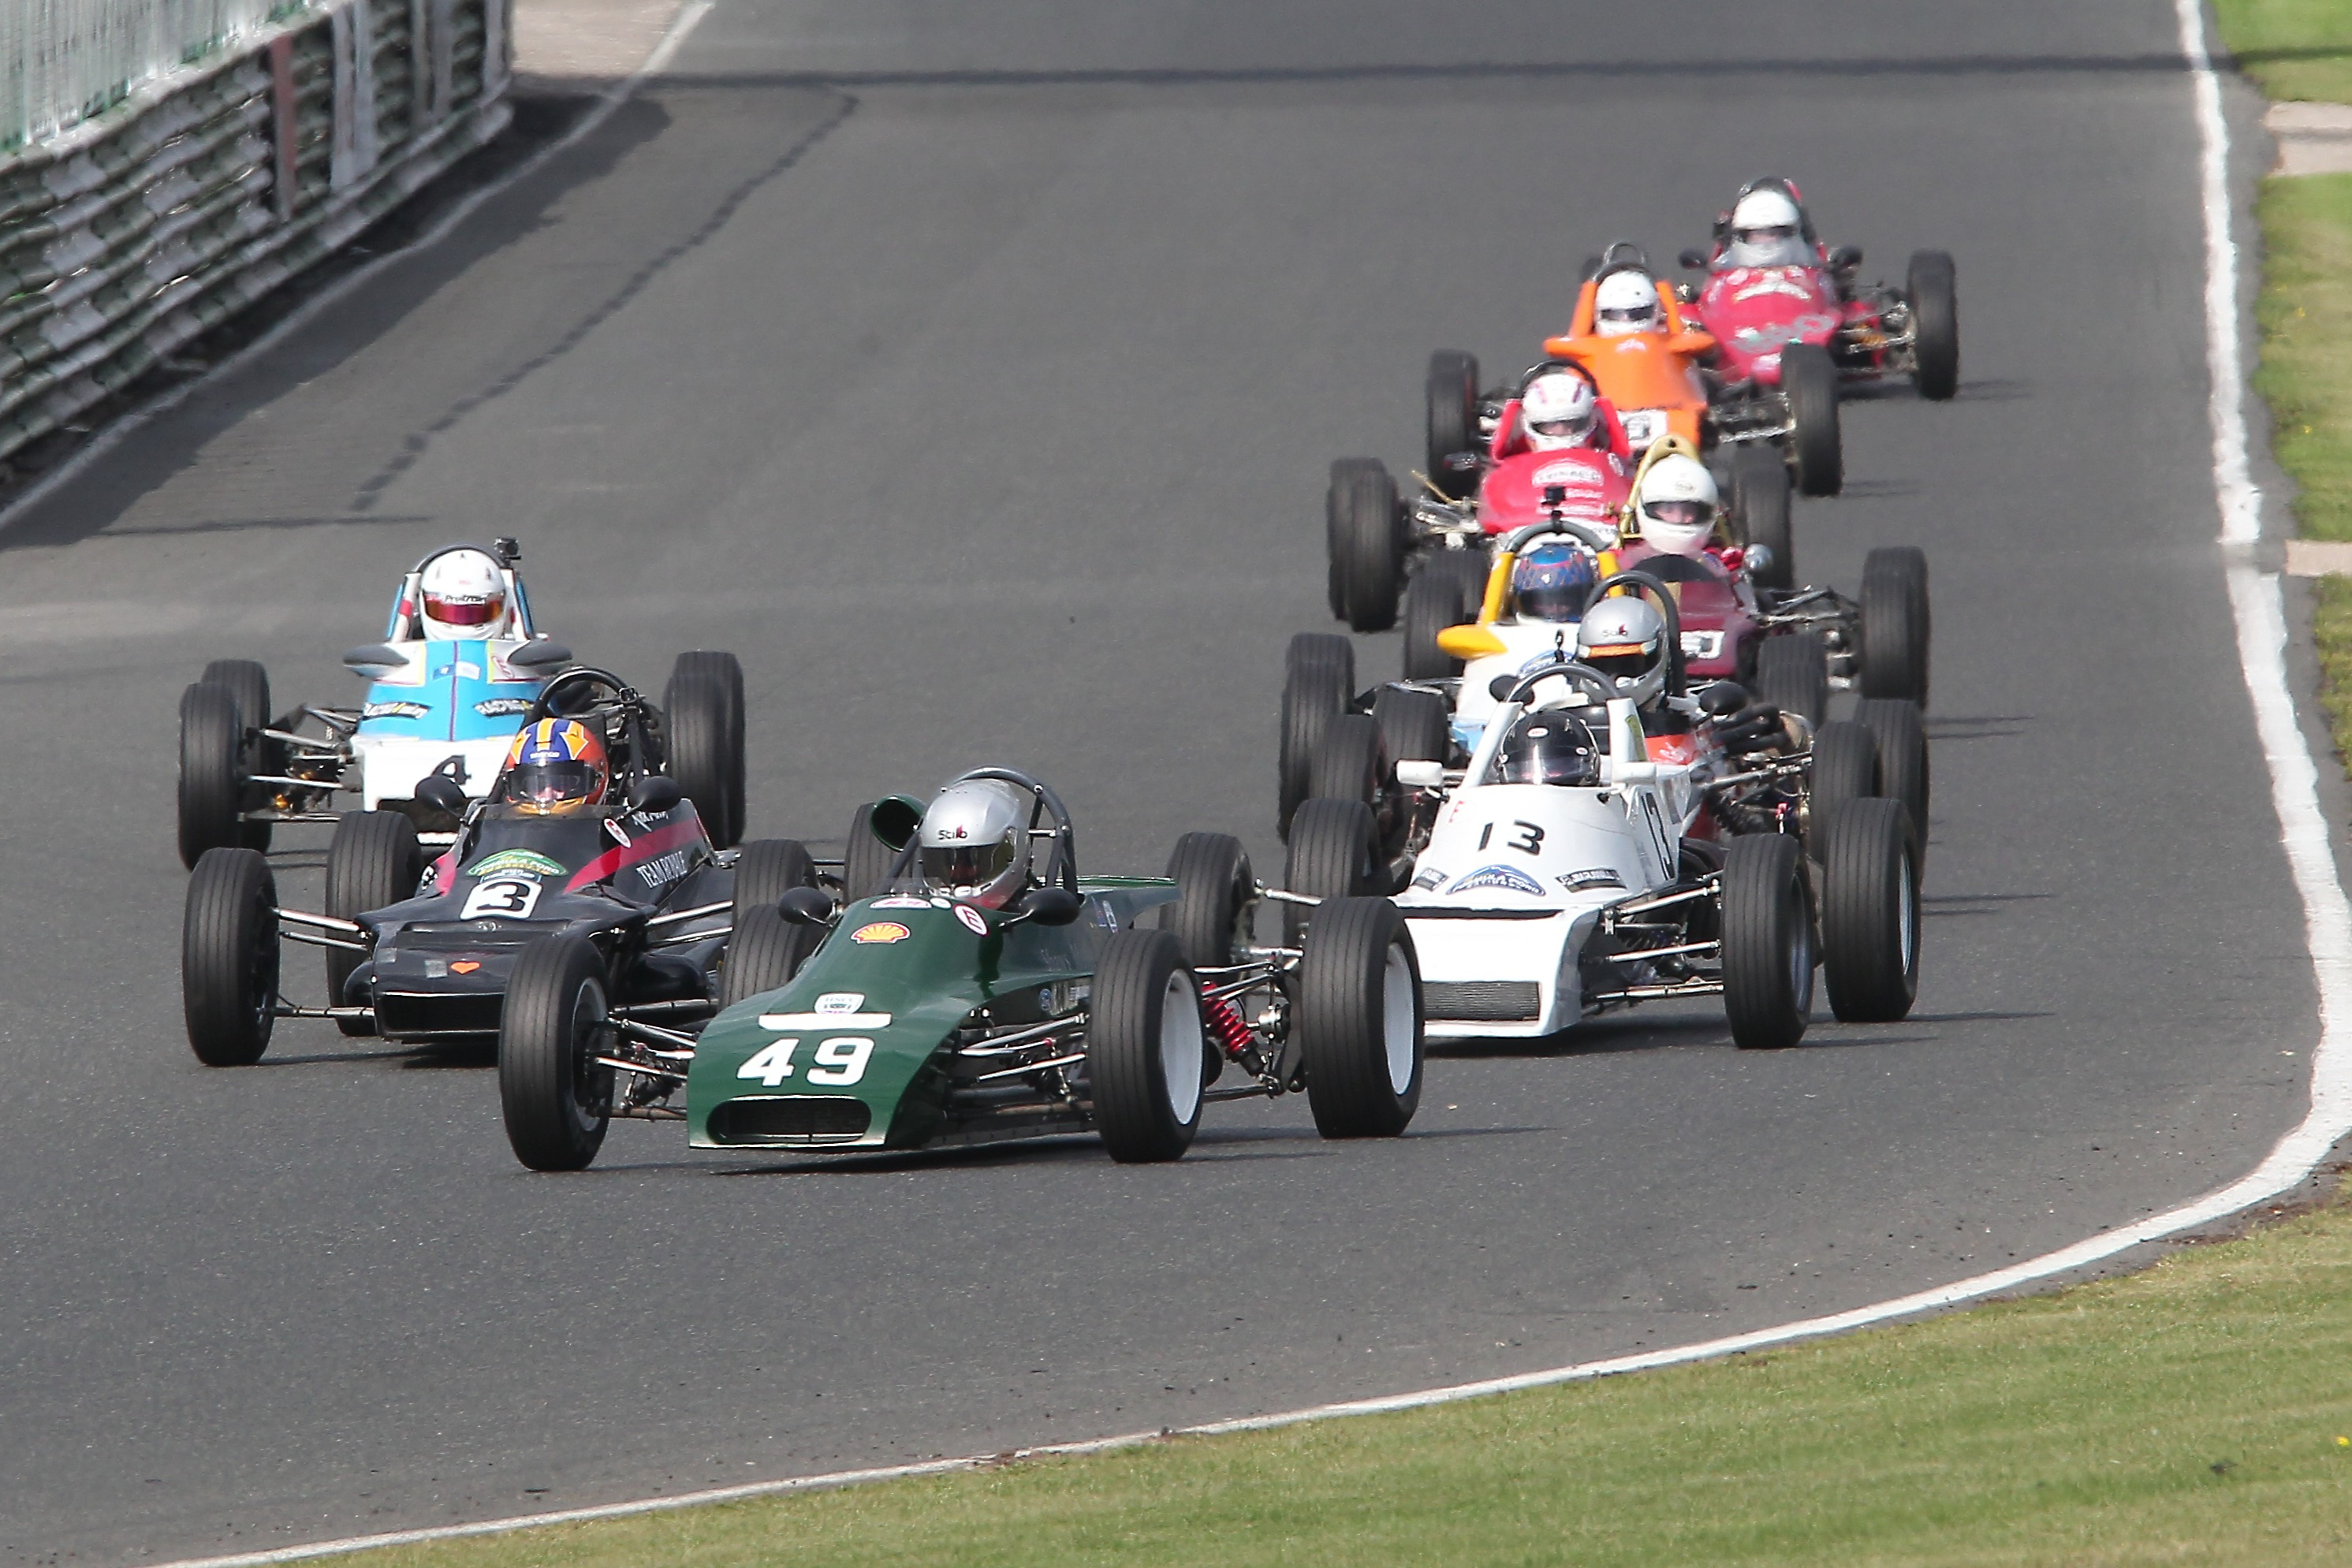 Jordan Harrison (Lola T540E), Classic FF1600, Mallory Park 2021